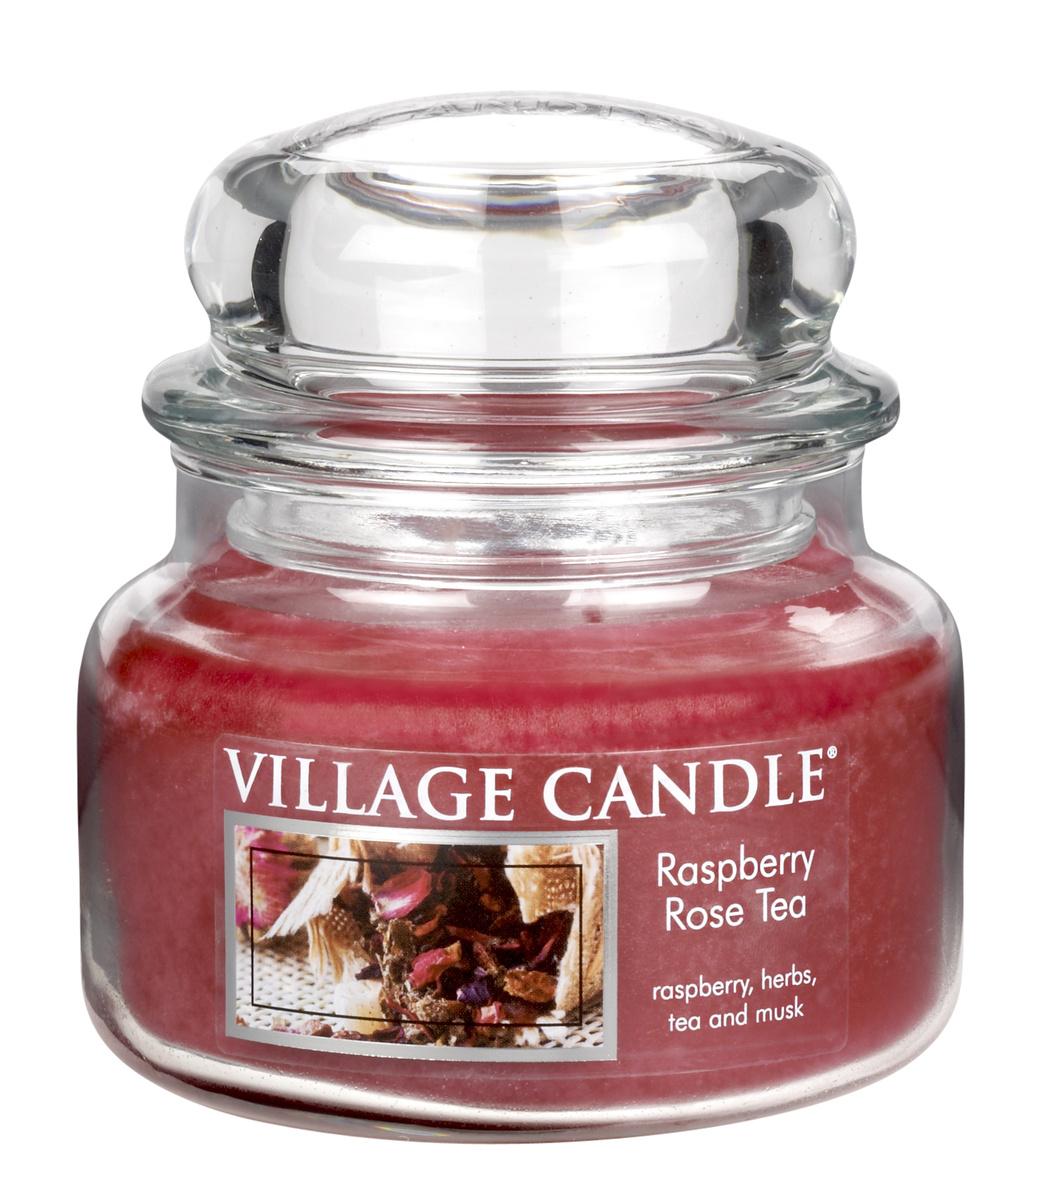 Village Candle Vonná svíčka ve skle, Maliny a čajová růže - Raspberry Rose Tea, 269 g, 269 g